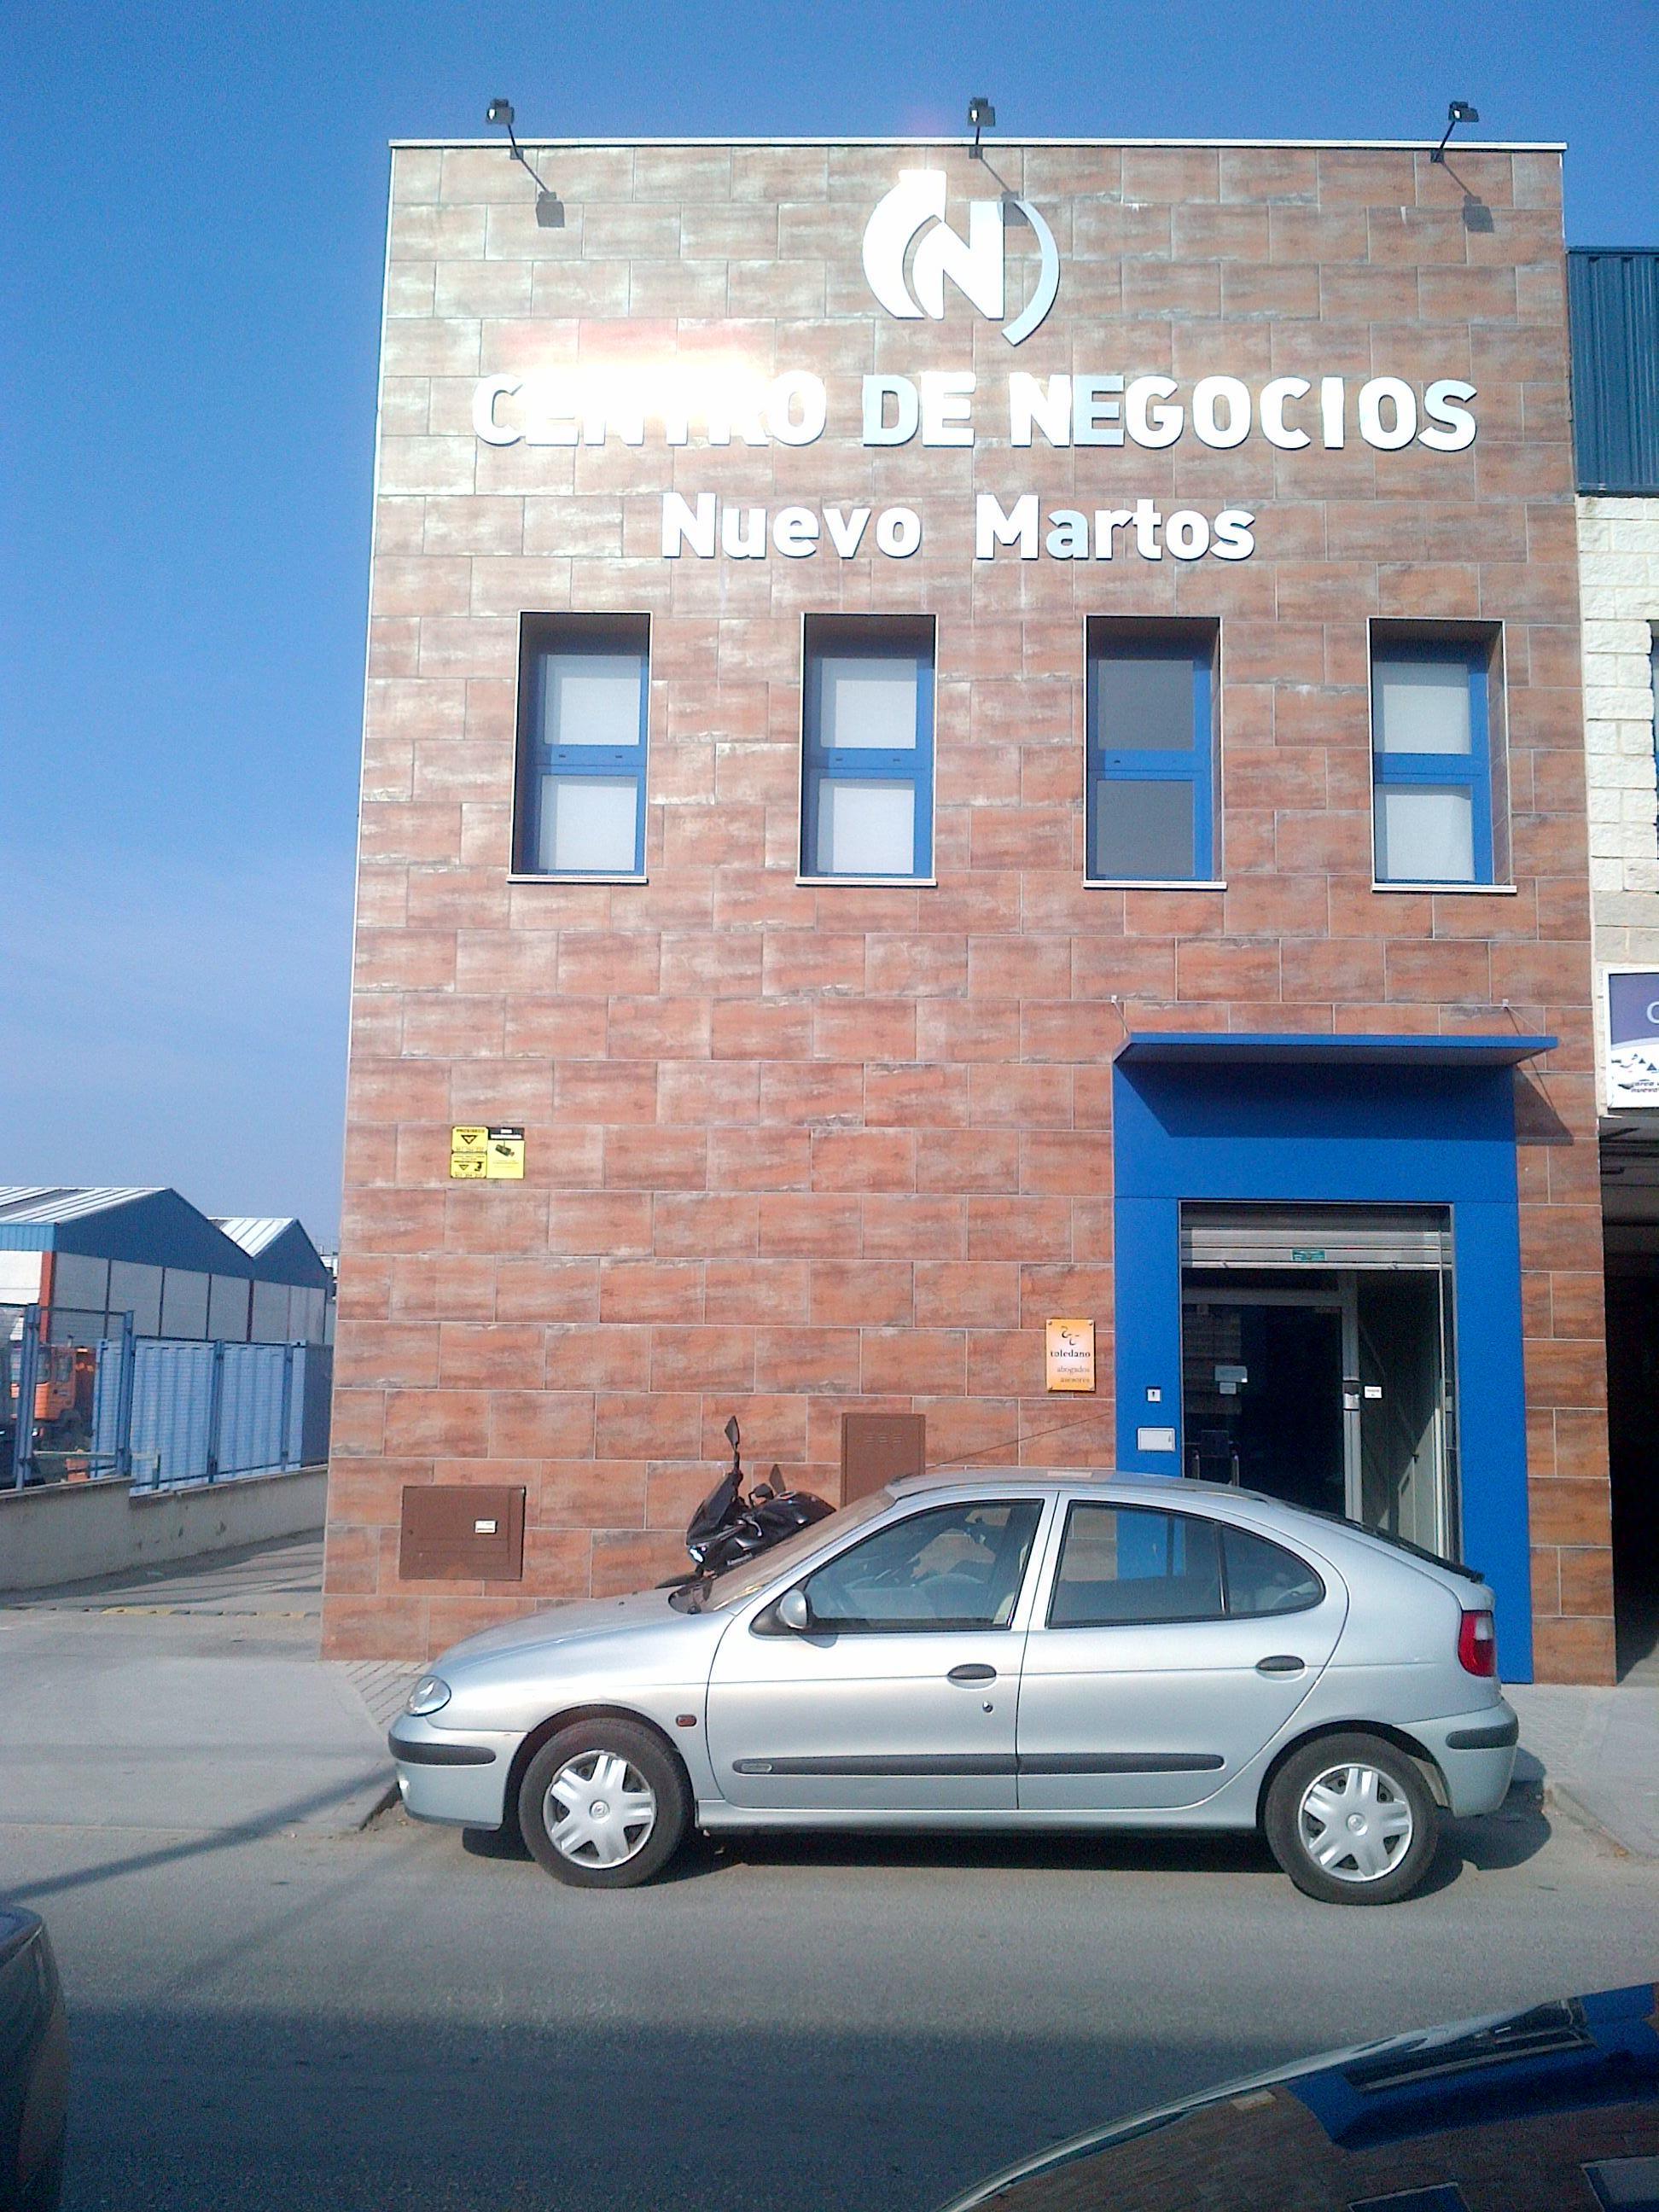 DEFOIN-CENTRO DE NEGOCIOS NUEVO MARTOS